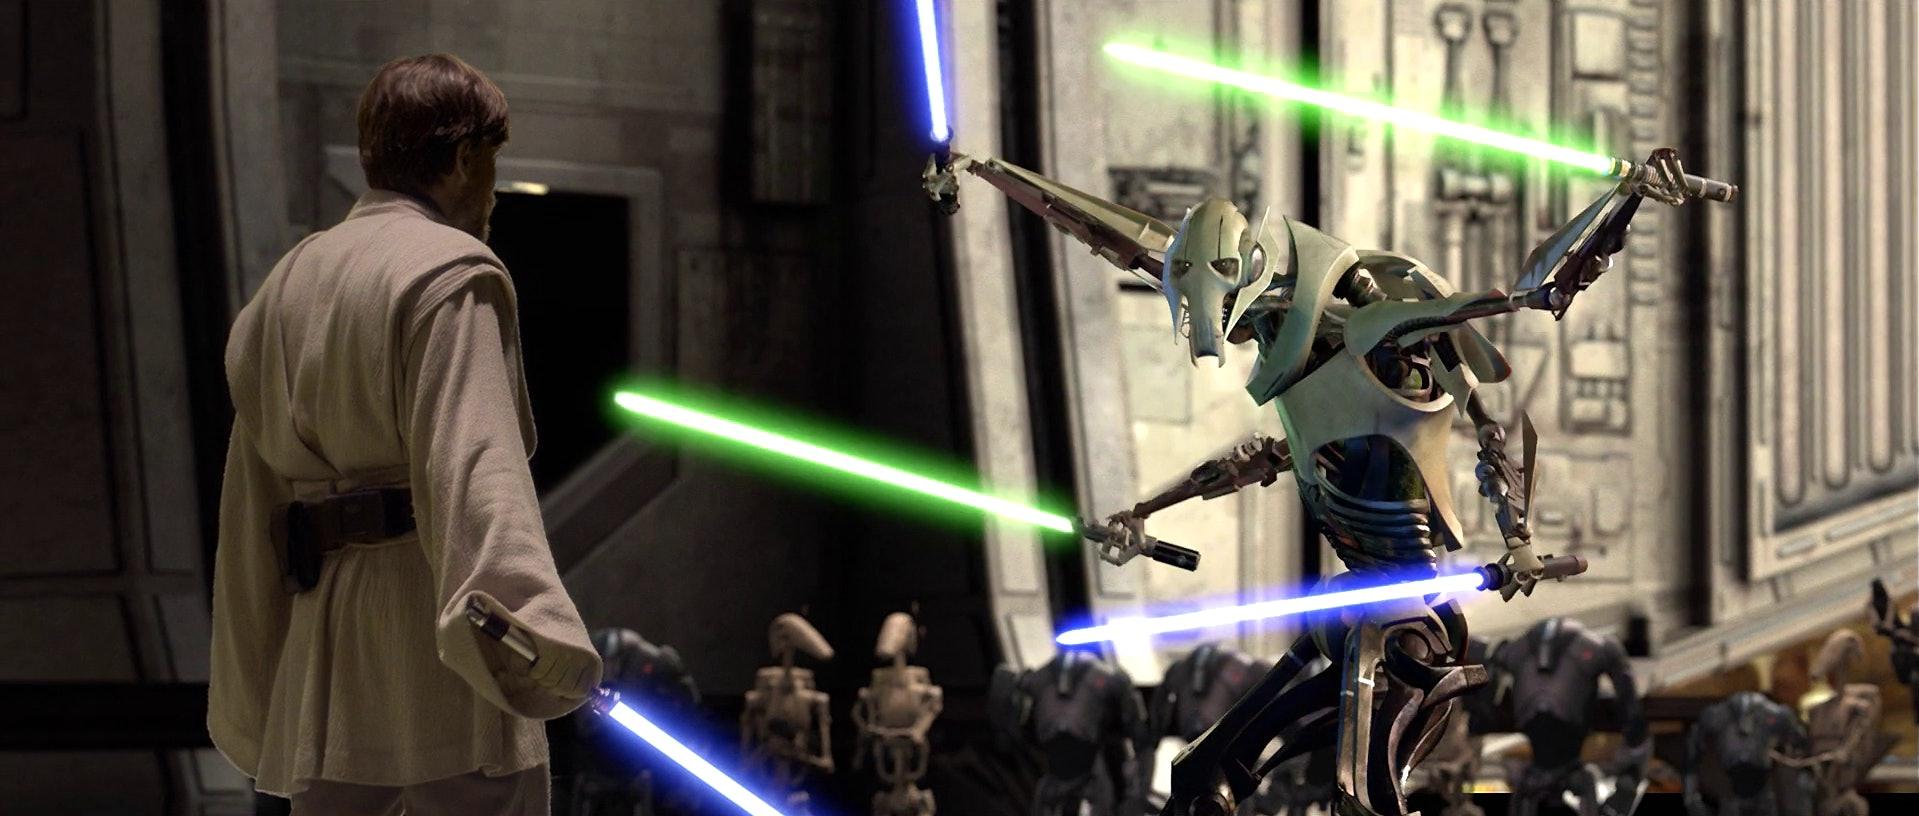 Obi-Wan Kenobi vs.General Grievous